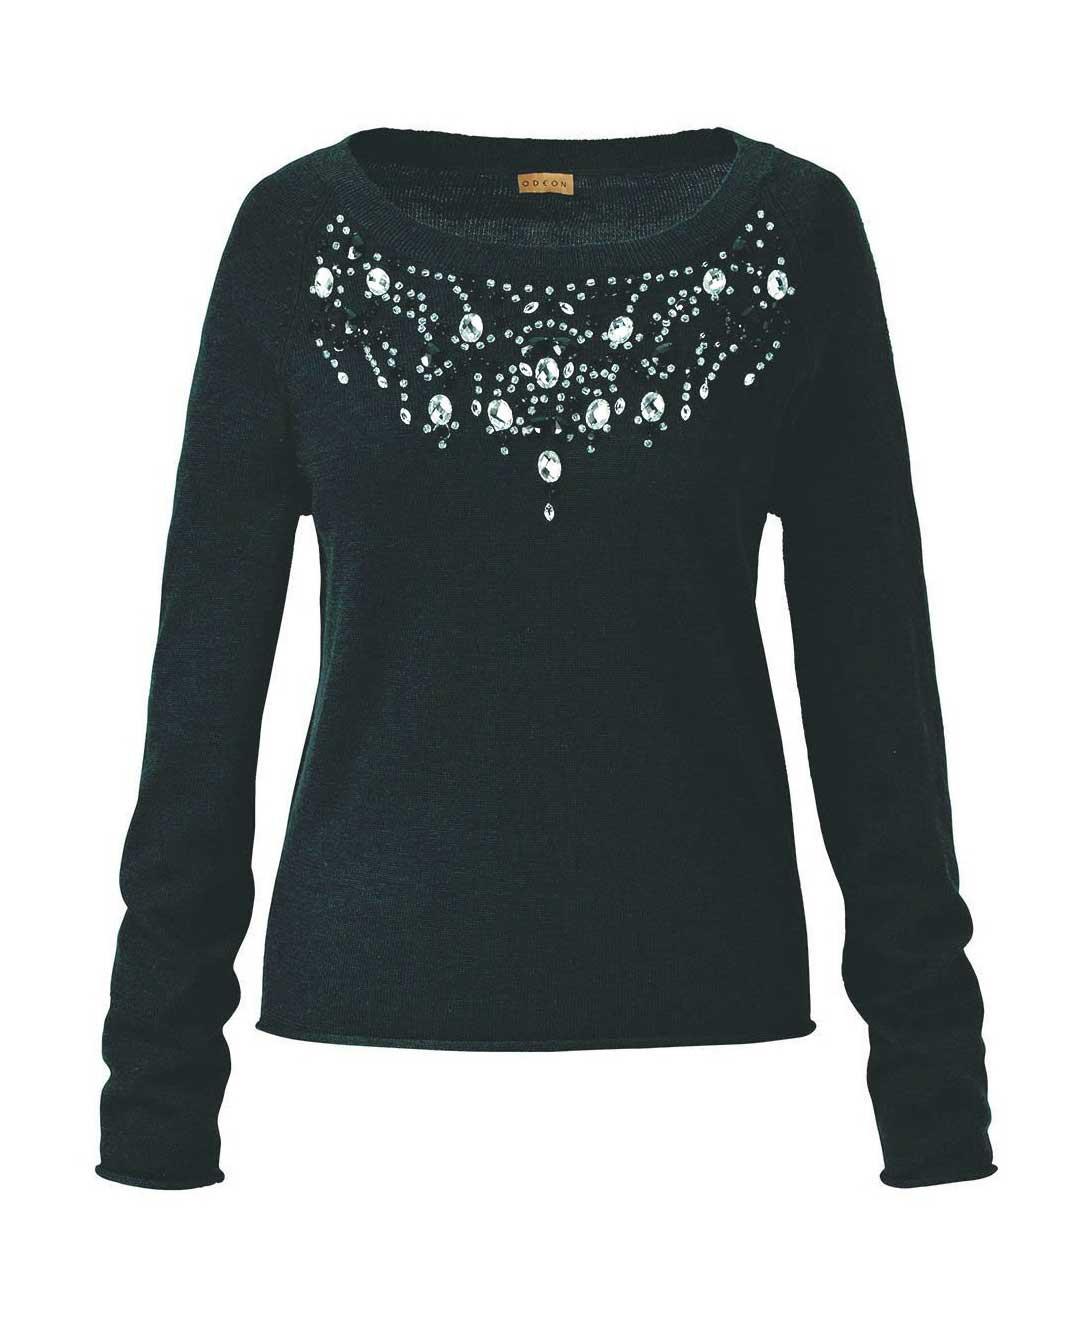 Luxusní svetry levně, značkový černý svetr ODEON